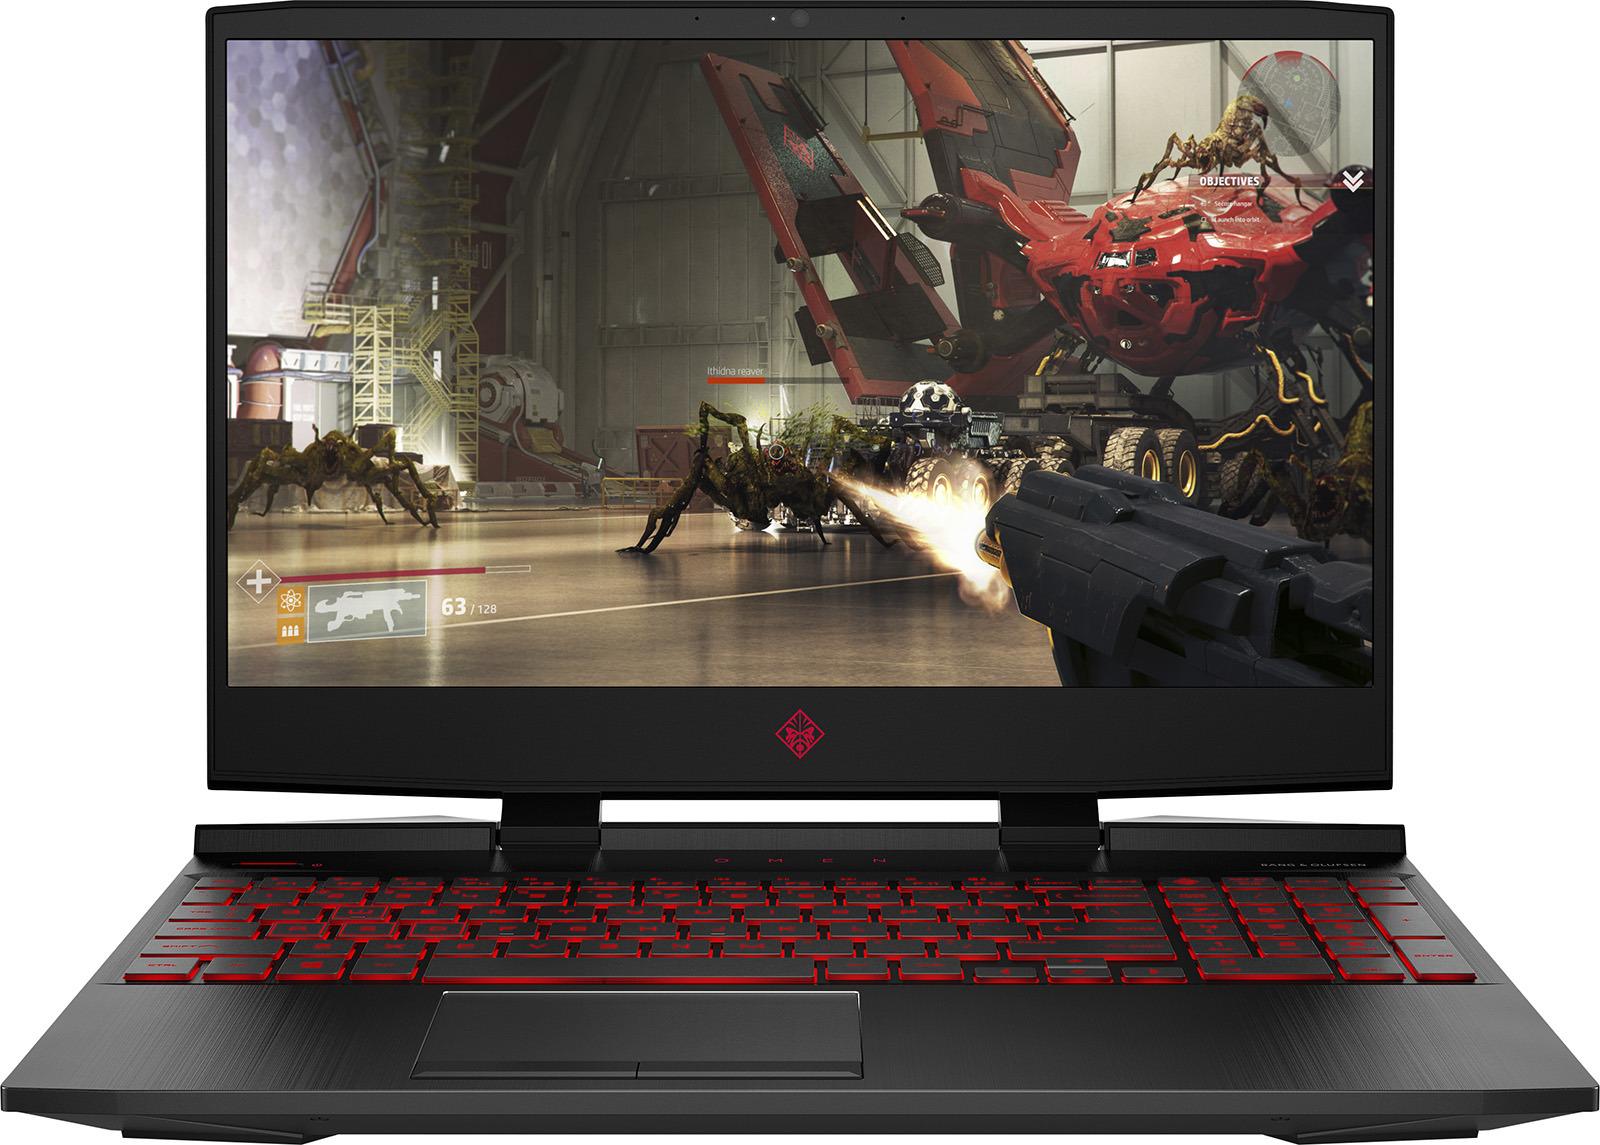 15.6 Игровой ноутбук HP Omen 15-dc0015ur 4GW13EA, черный игровой ноутбук hp omen 15 dc0001ur 4gz73ea 15 6 черный